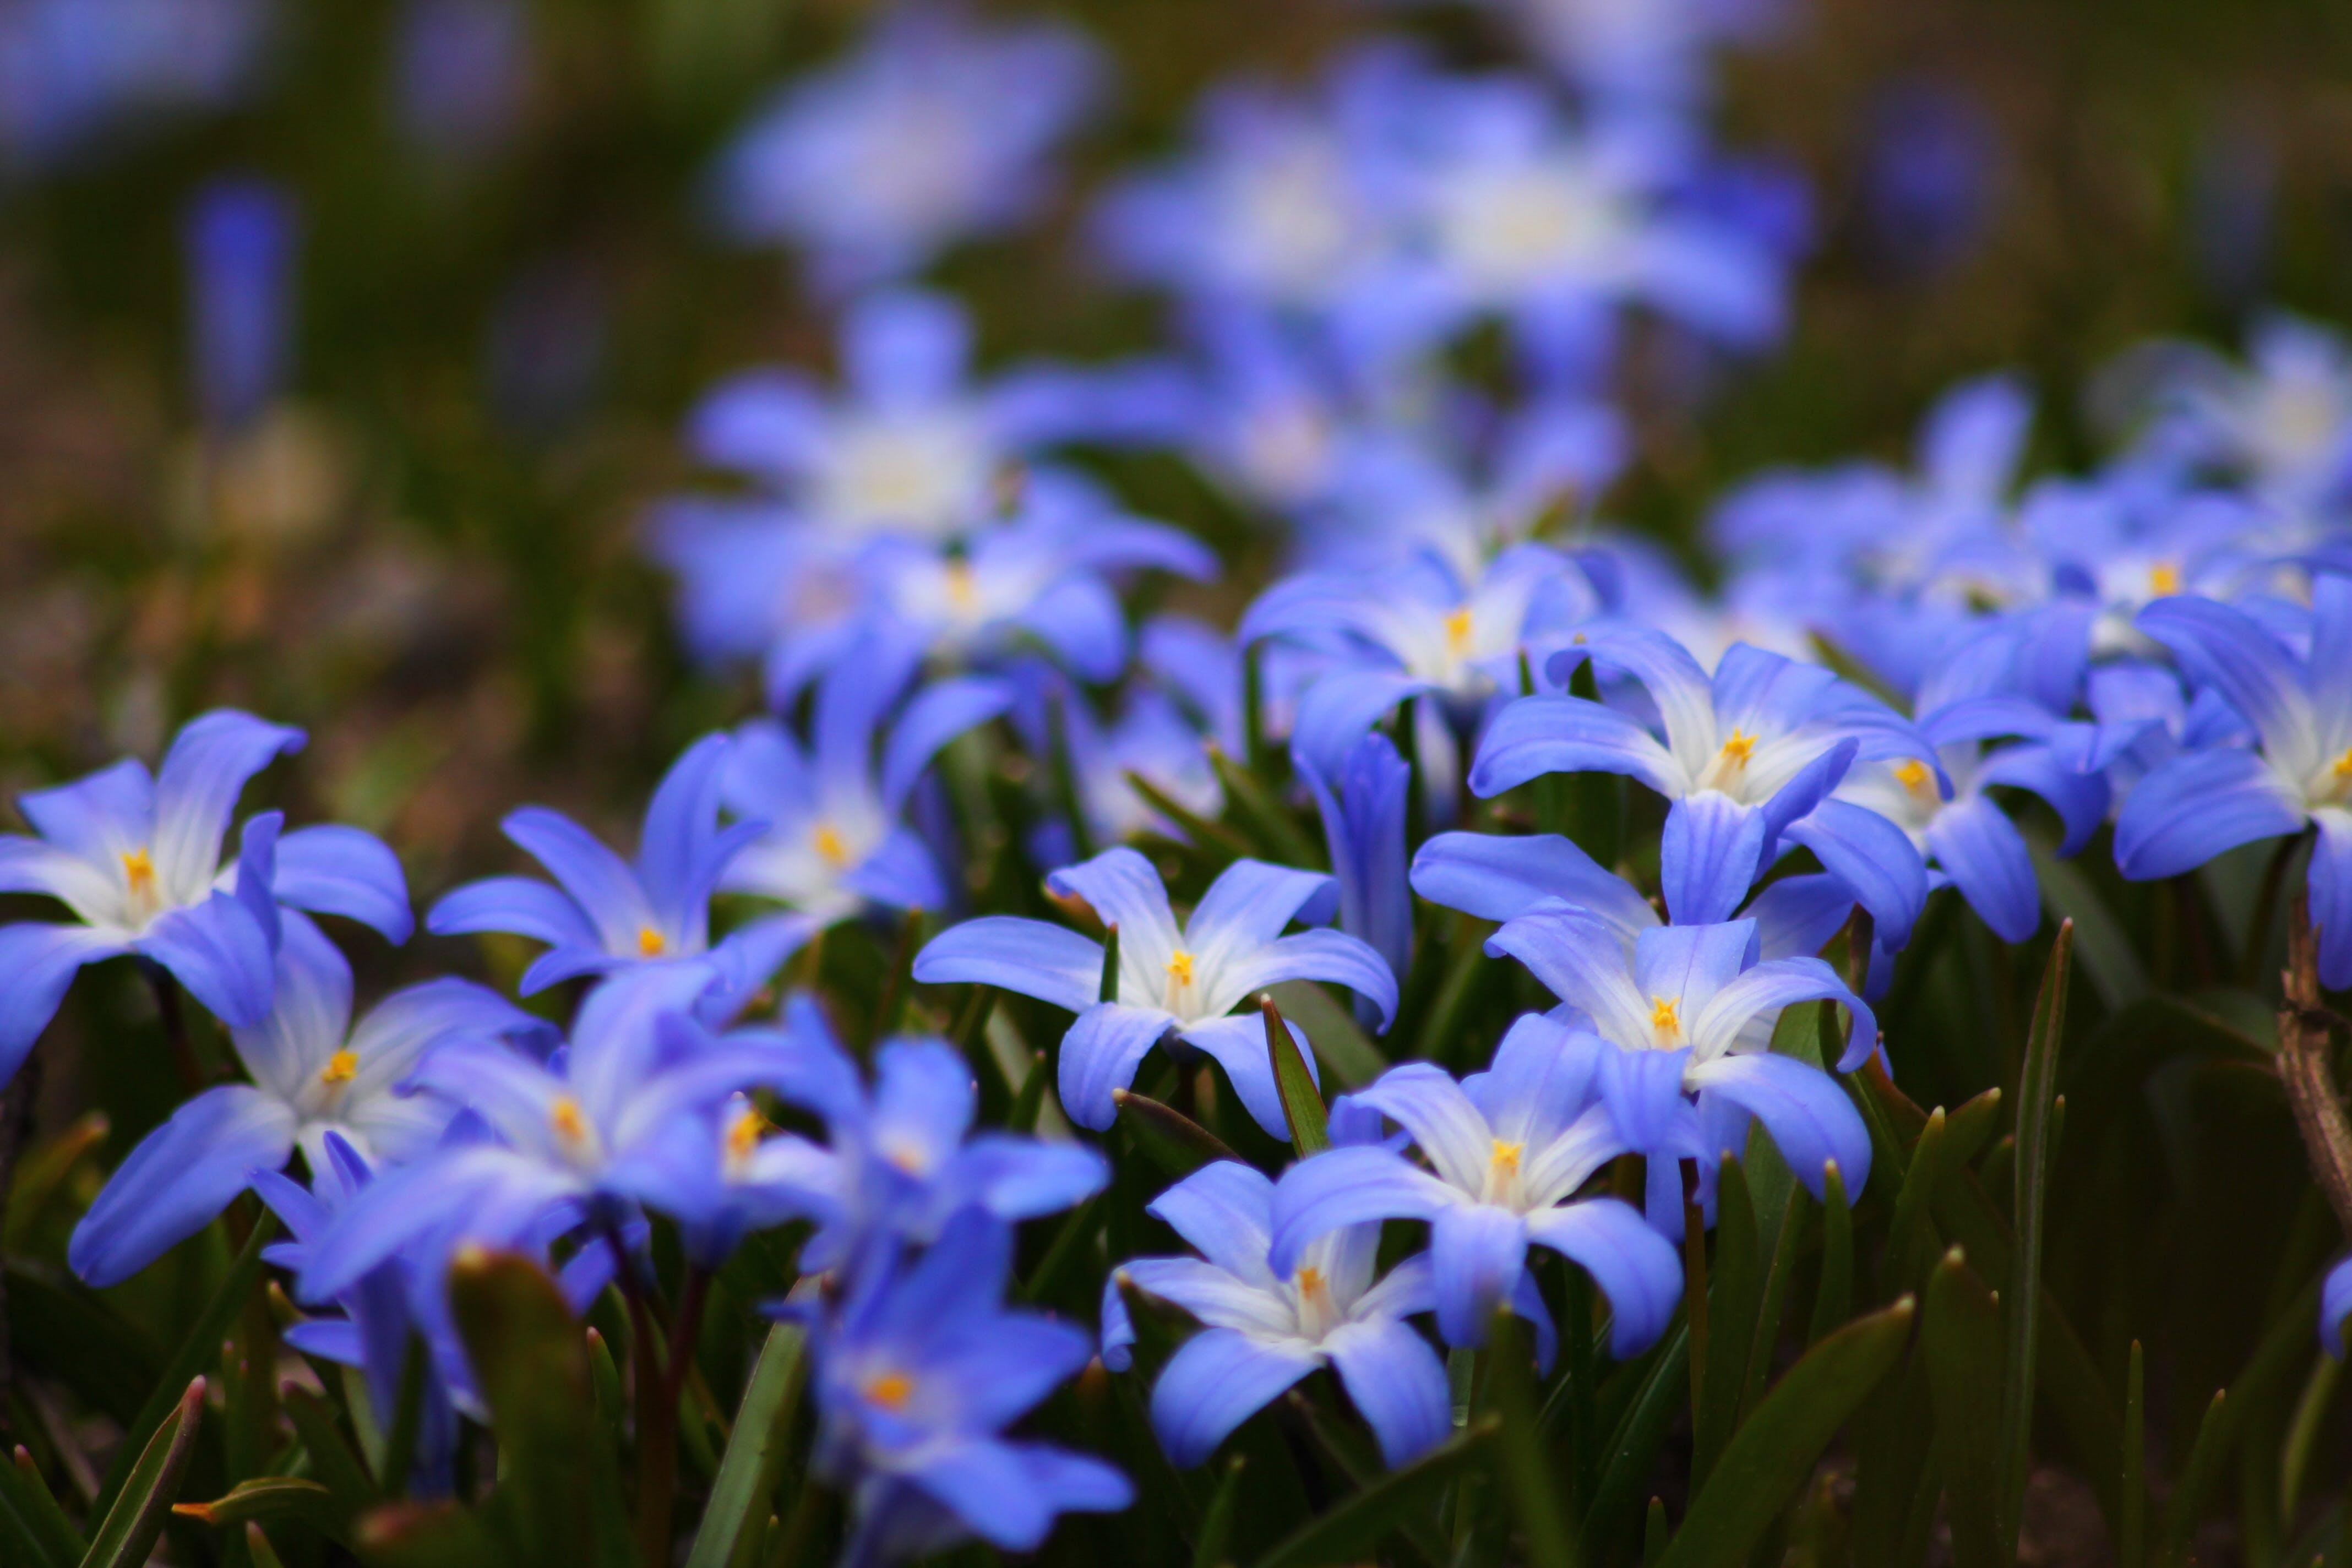 bloom, blossom, depth of field